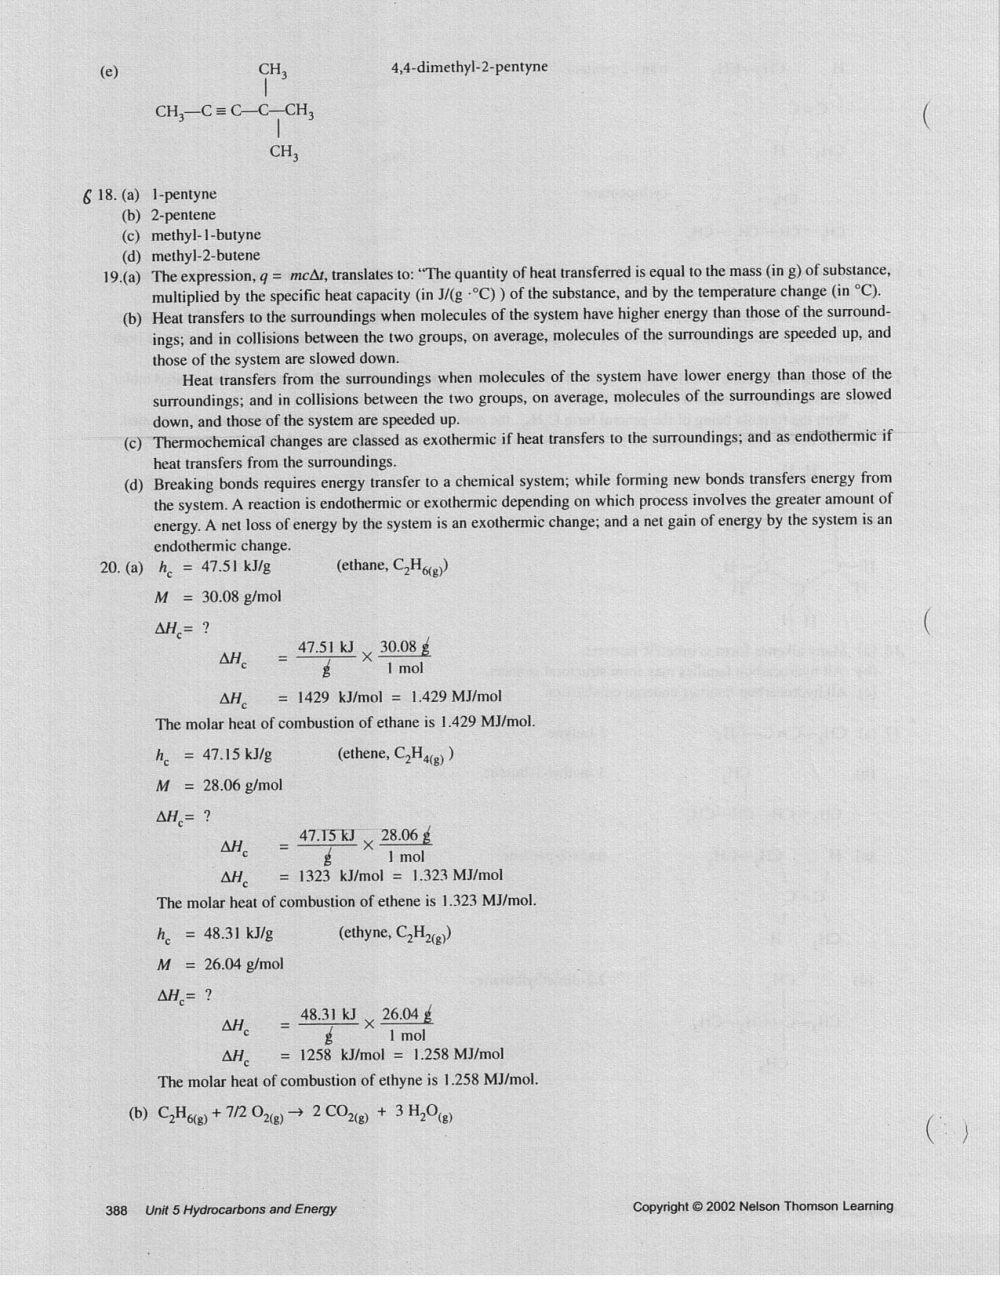 medium resolution of mathball / Grade 11 Chemistry sem 2 08-09